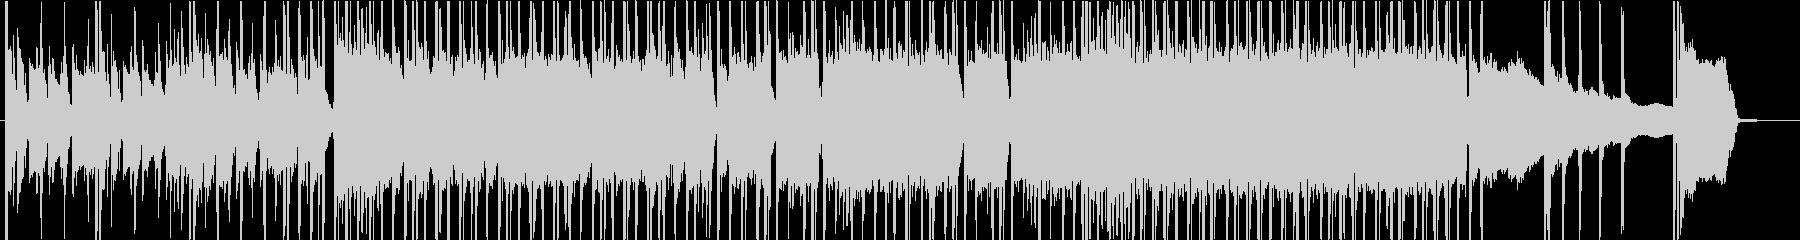 疾走感のあるパワフルなロックの未再生の波形